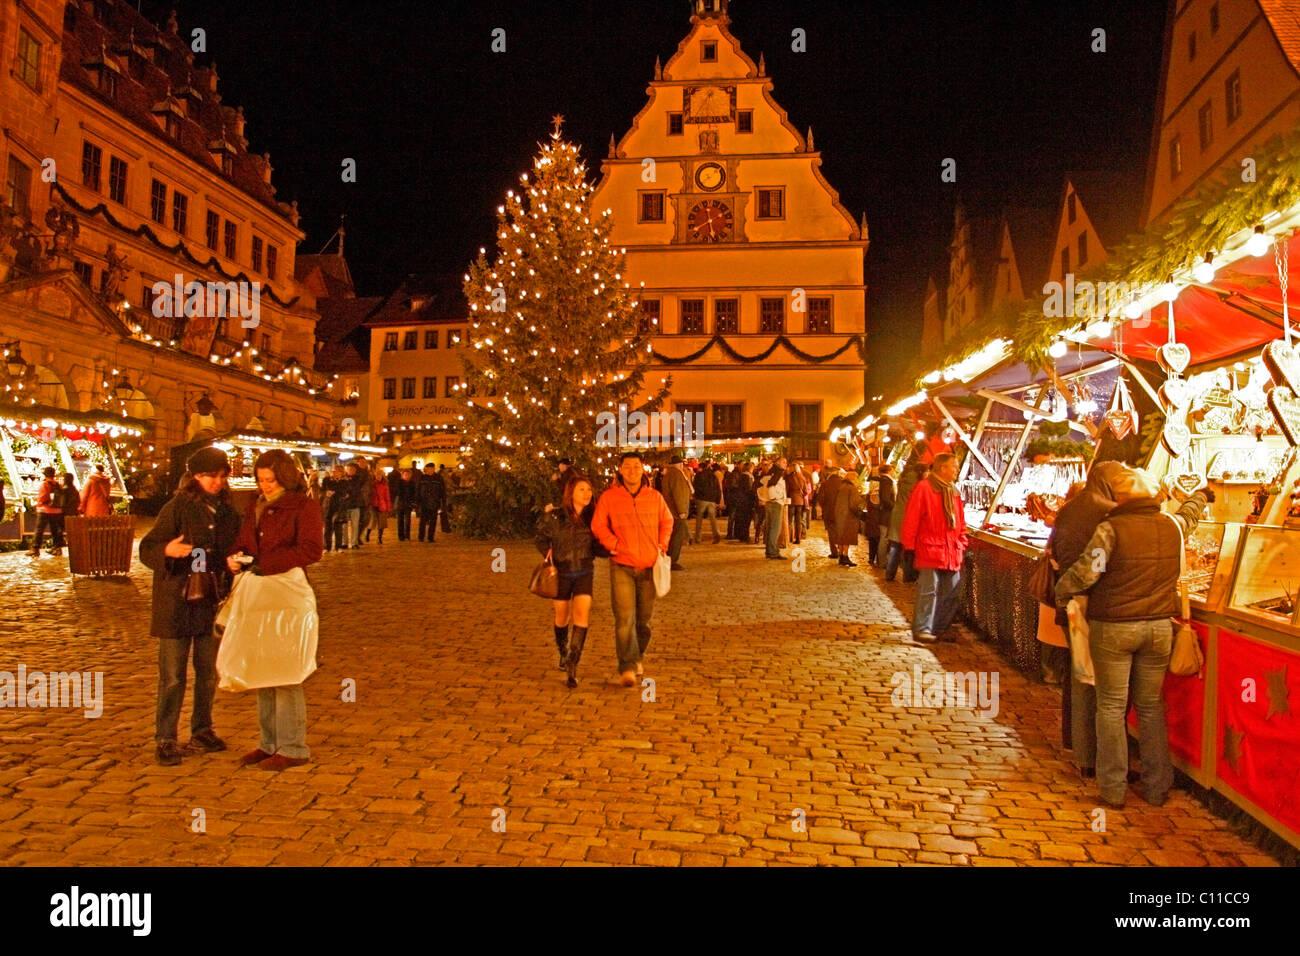 Weihnachtsmarkt Rothenburg Ob Der Tauber Bayern